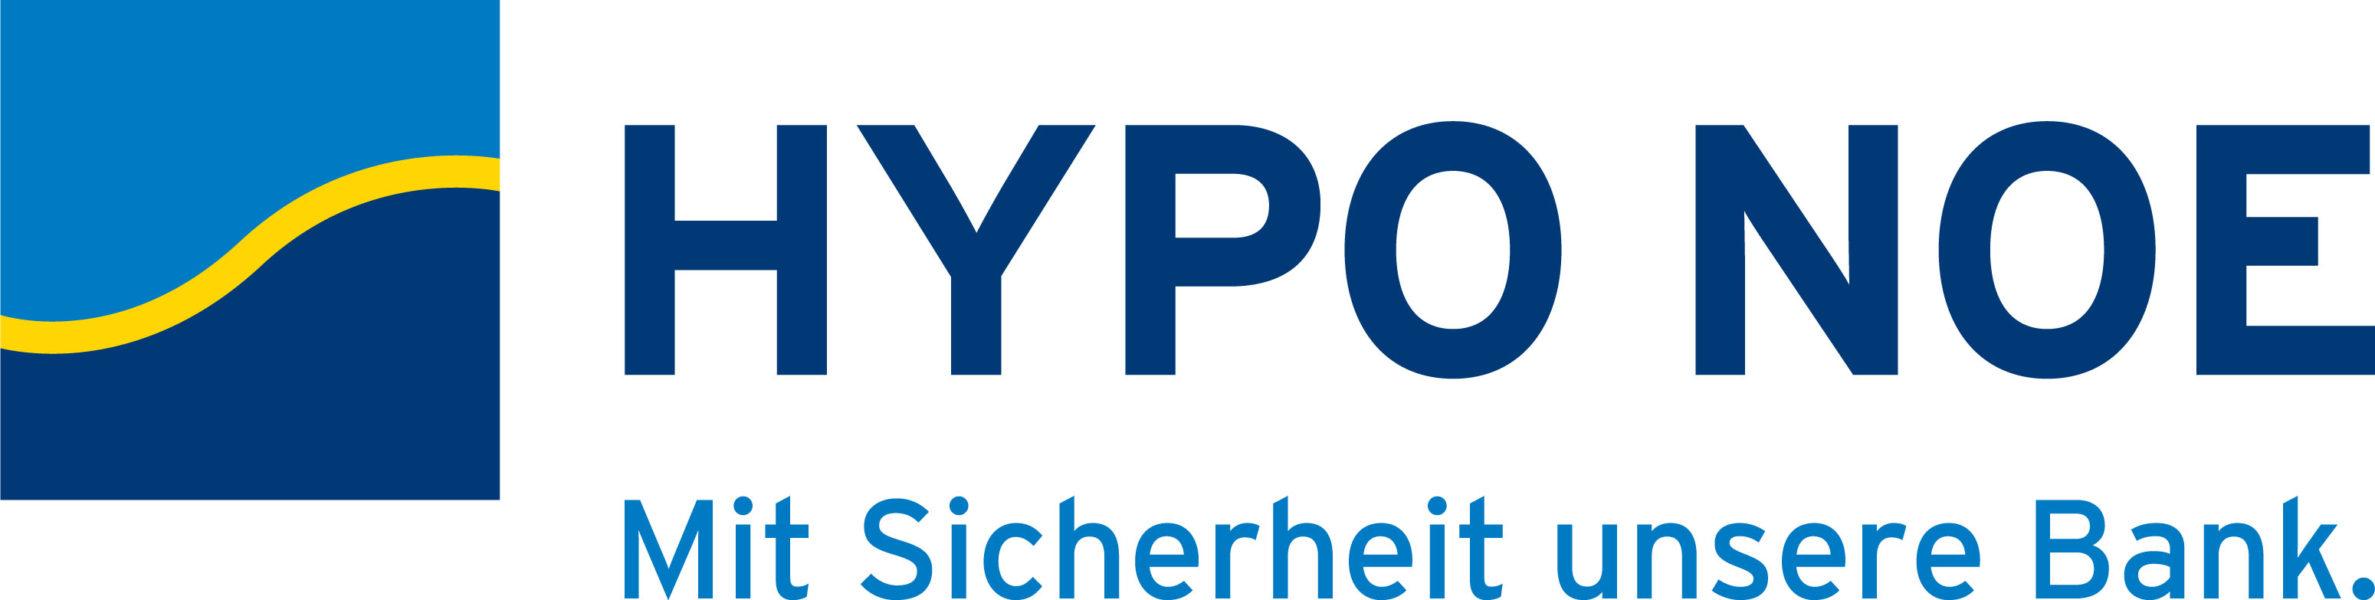 Zoolauf - HypoNoe